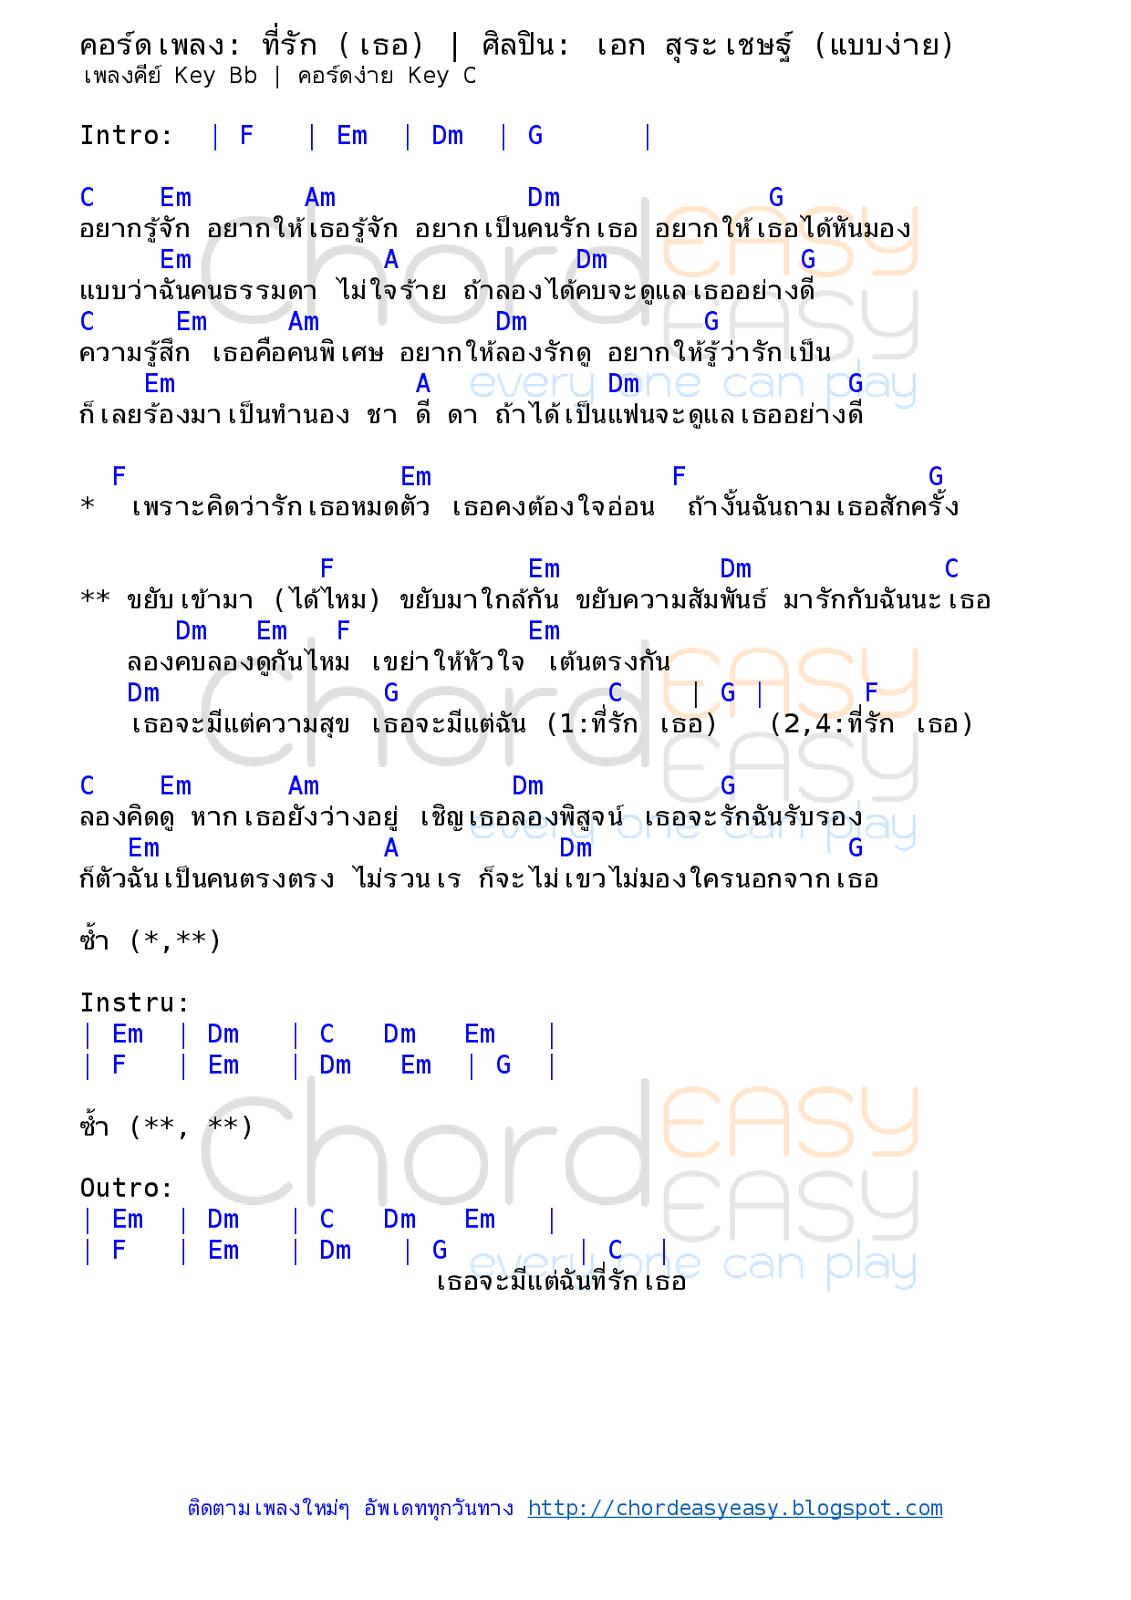 คอร์ดเพลง ที่รัก (เธอ) - เอก สุระเชษฐ์ คอร์ด ที่รัก (เธอ) - เอก สุระเชษฐ์ เนื้อเพลง ที่รัก (เธอ) - เอก สุระเชษฐ์ เนื้อร้อง chord guitar ukulele lyrics คอร์ดกีตาร์ คอร์ดกีตาร์ง่ายๆ Key C | Key G